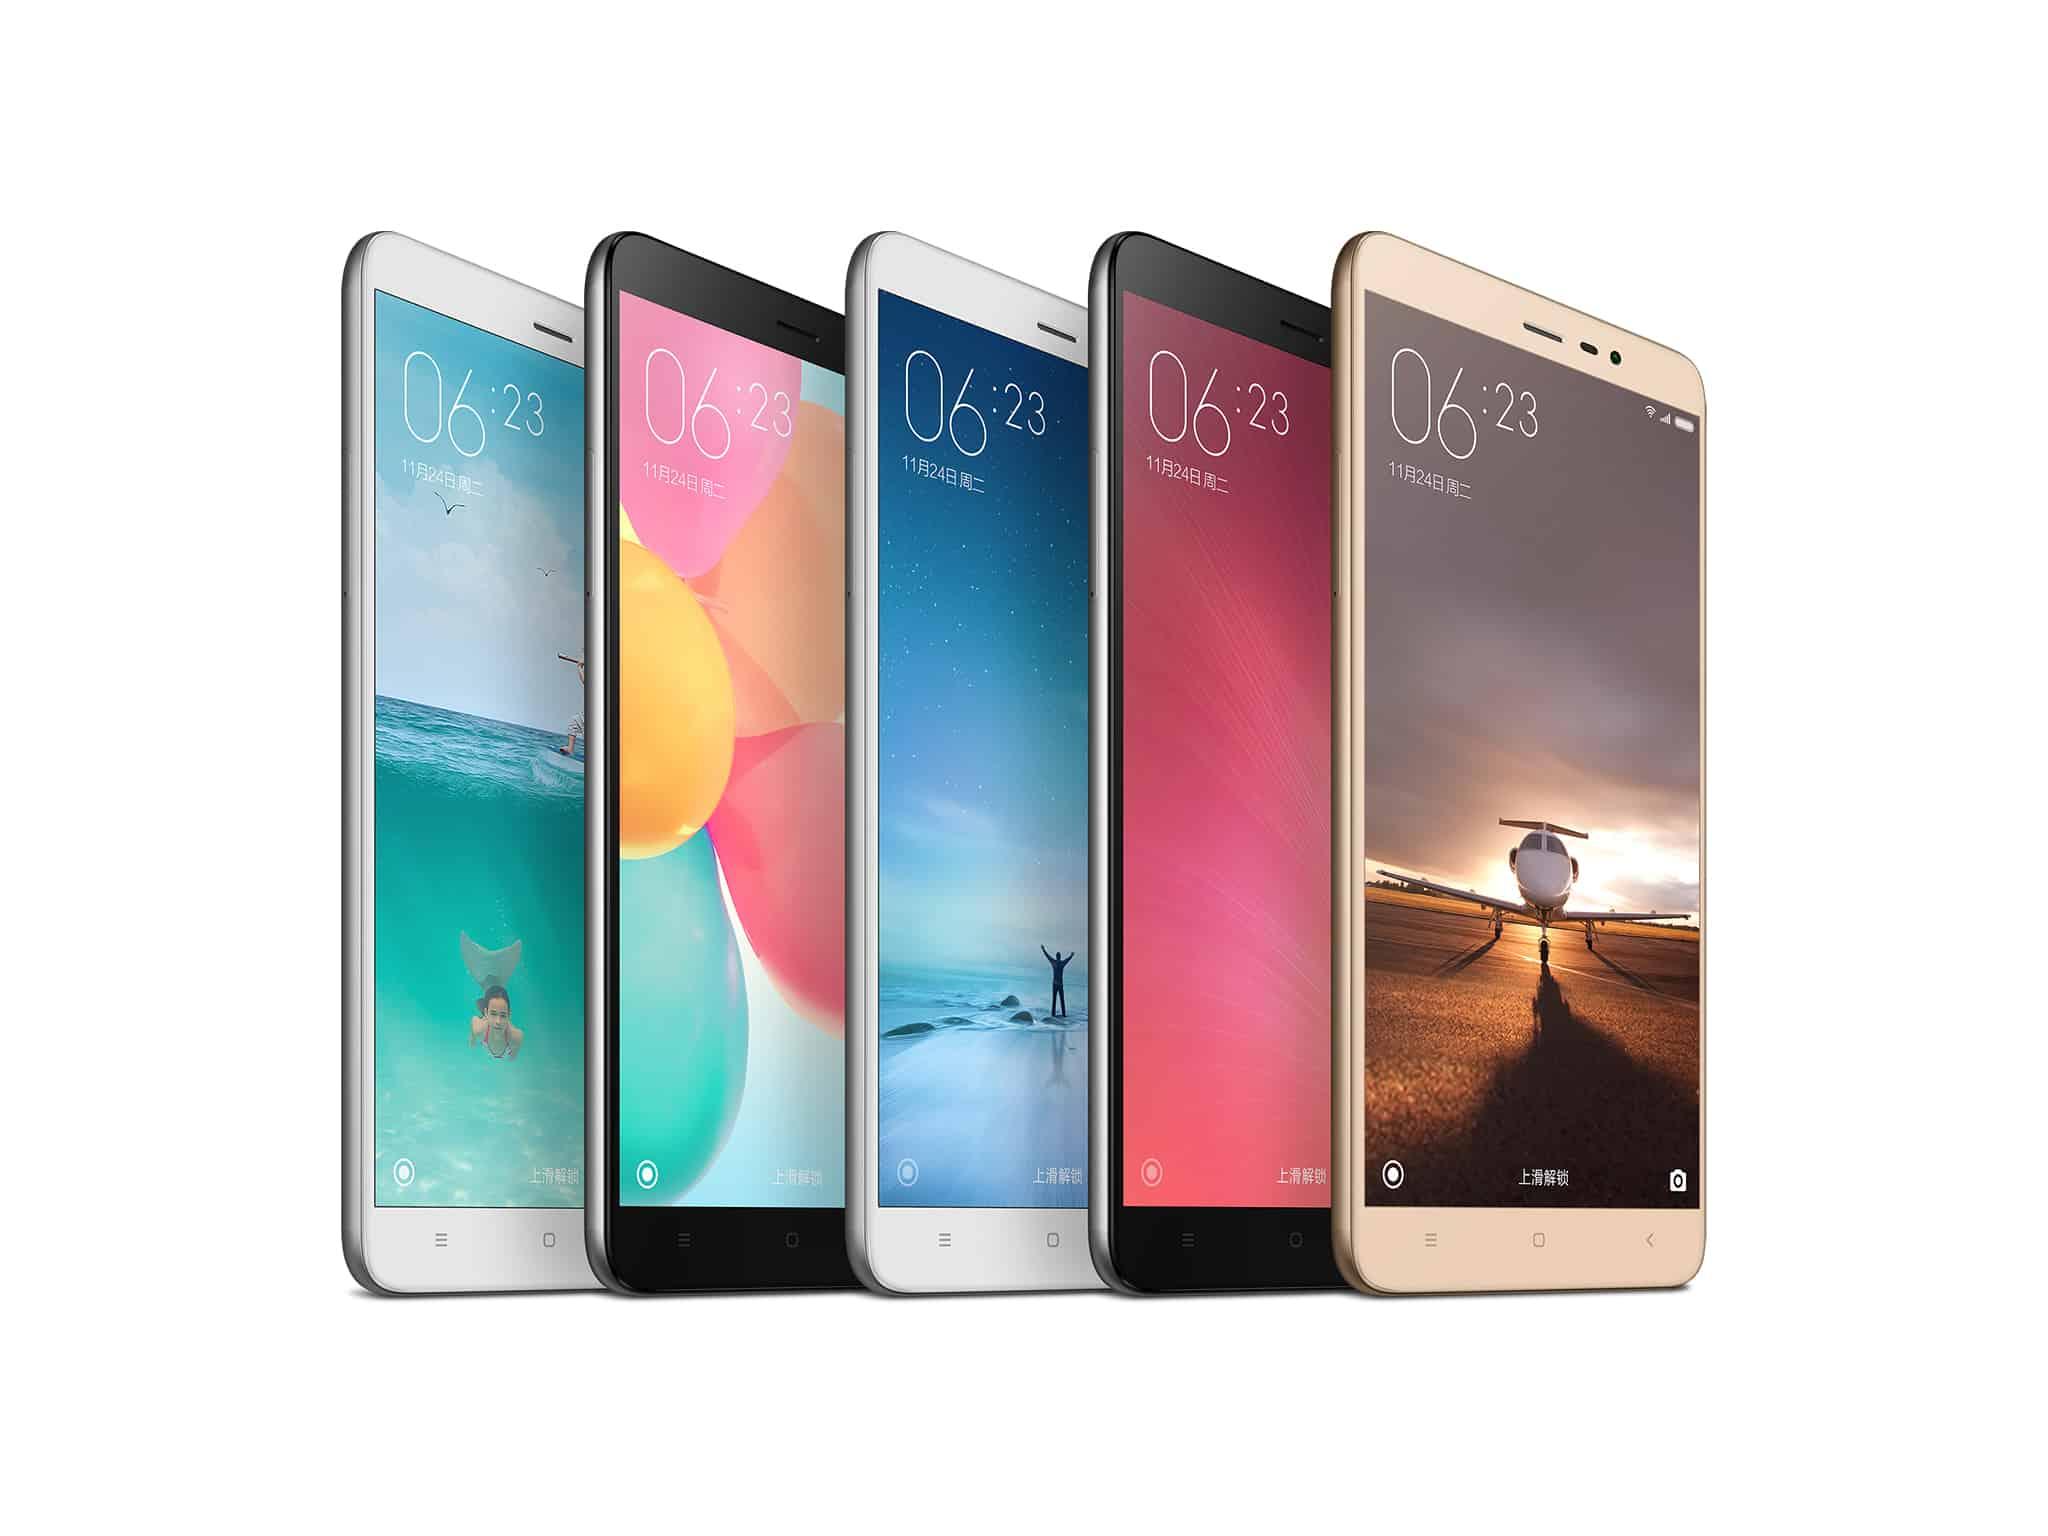 Xiaomi Redmi Note 2 Vs Redmi Note 3 Whats The Difference